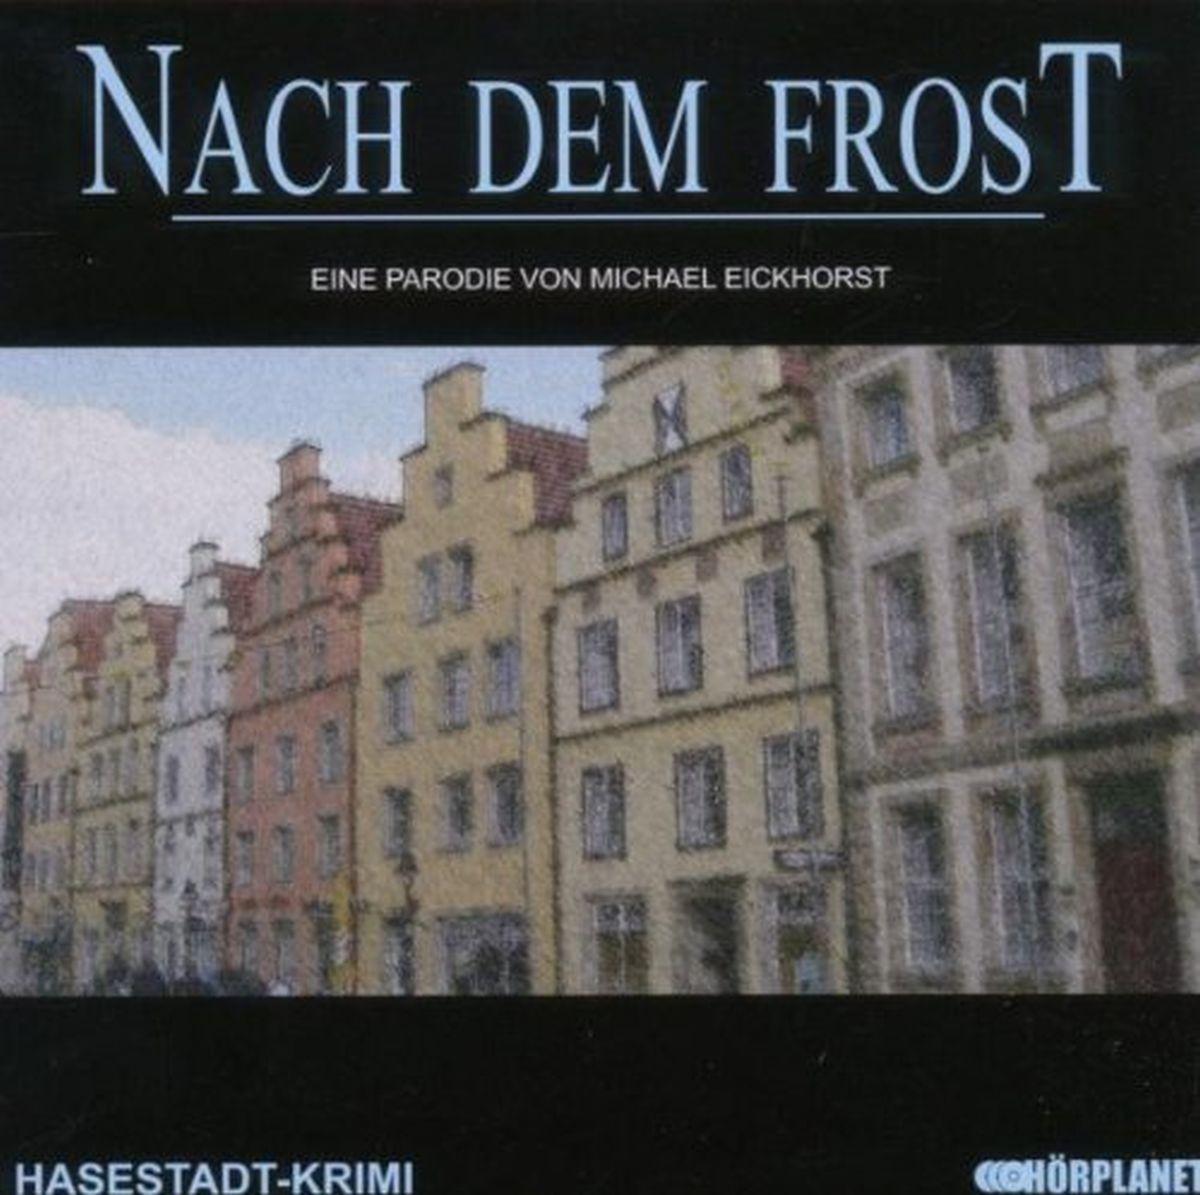 Kommissar Habermas, Nach dem Frost